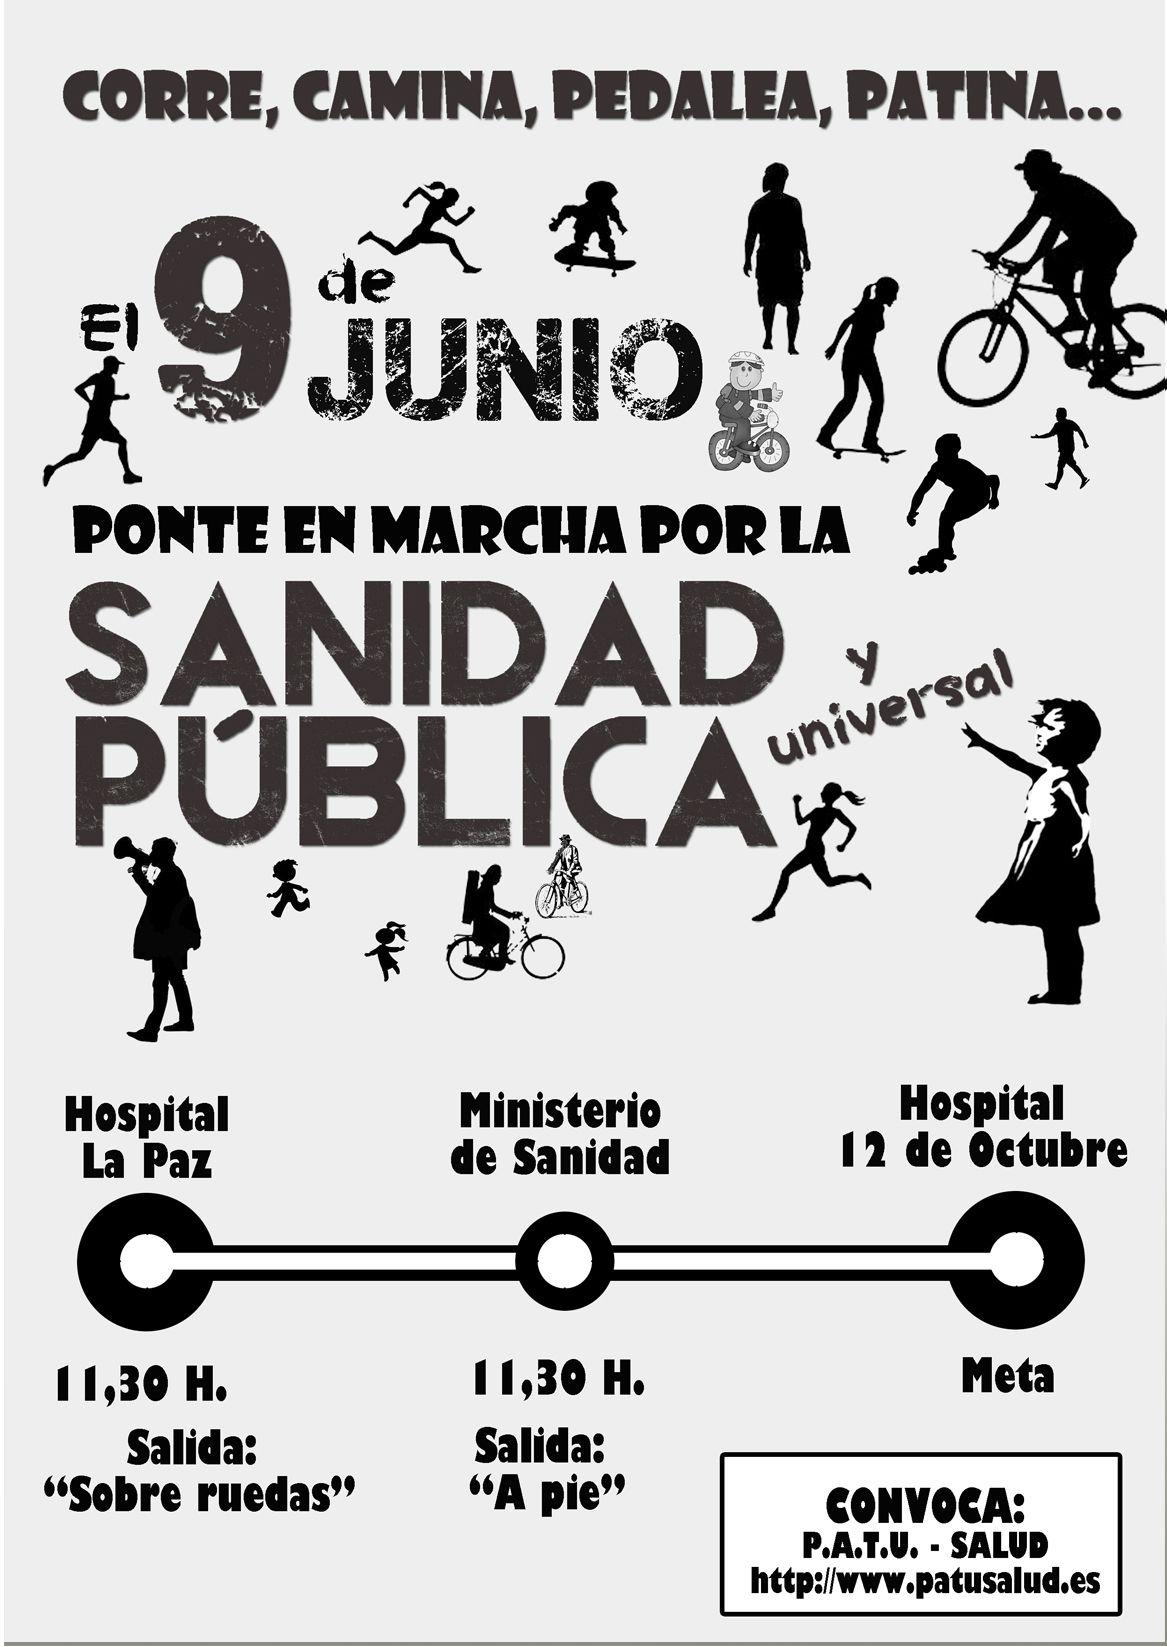 Marcha x Sanidad 0906